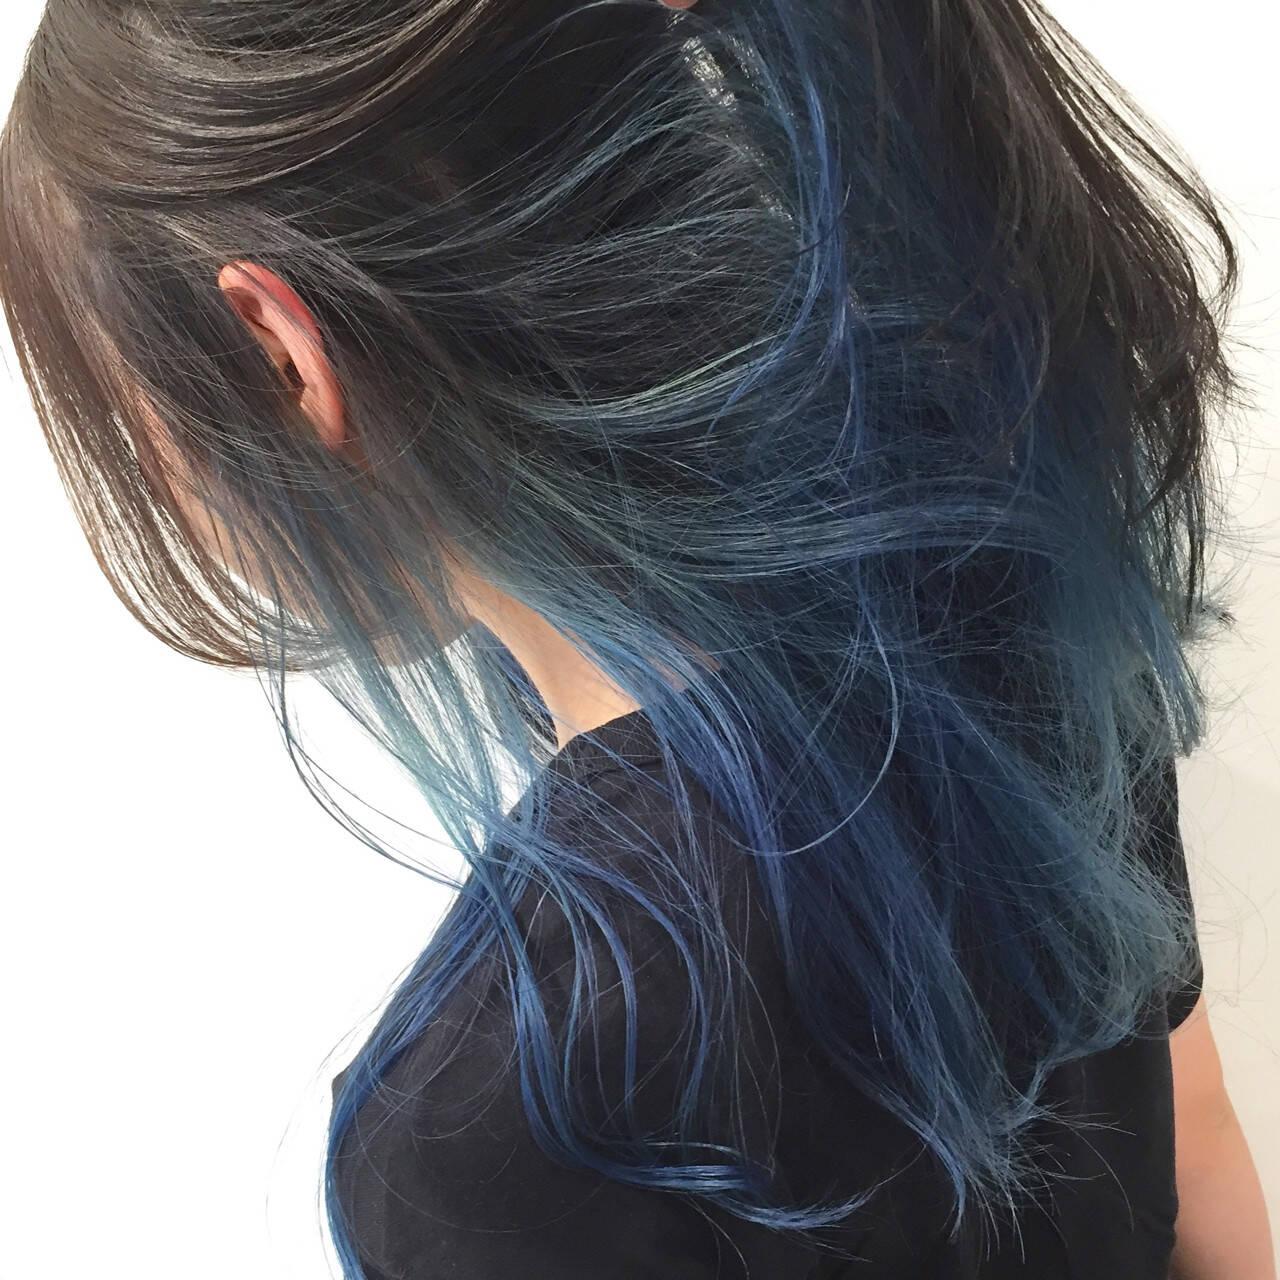 ハイトーン インナーカラー モード ロングヘアスタイルや髪型の写真・画像